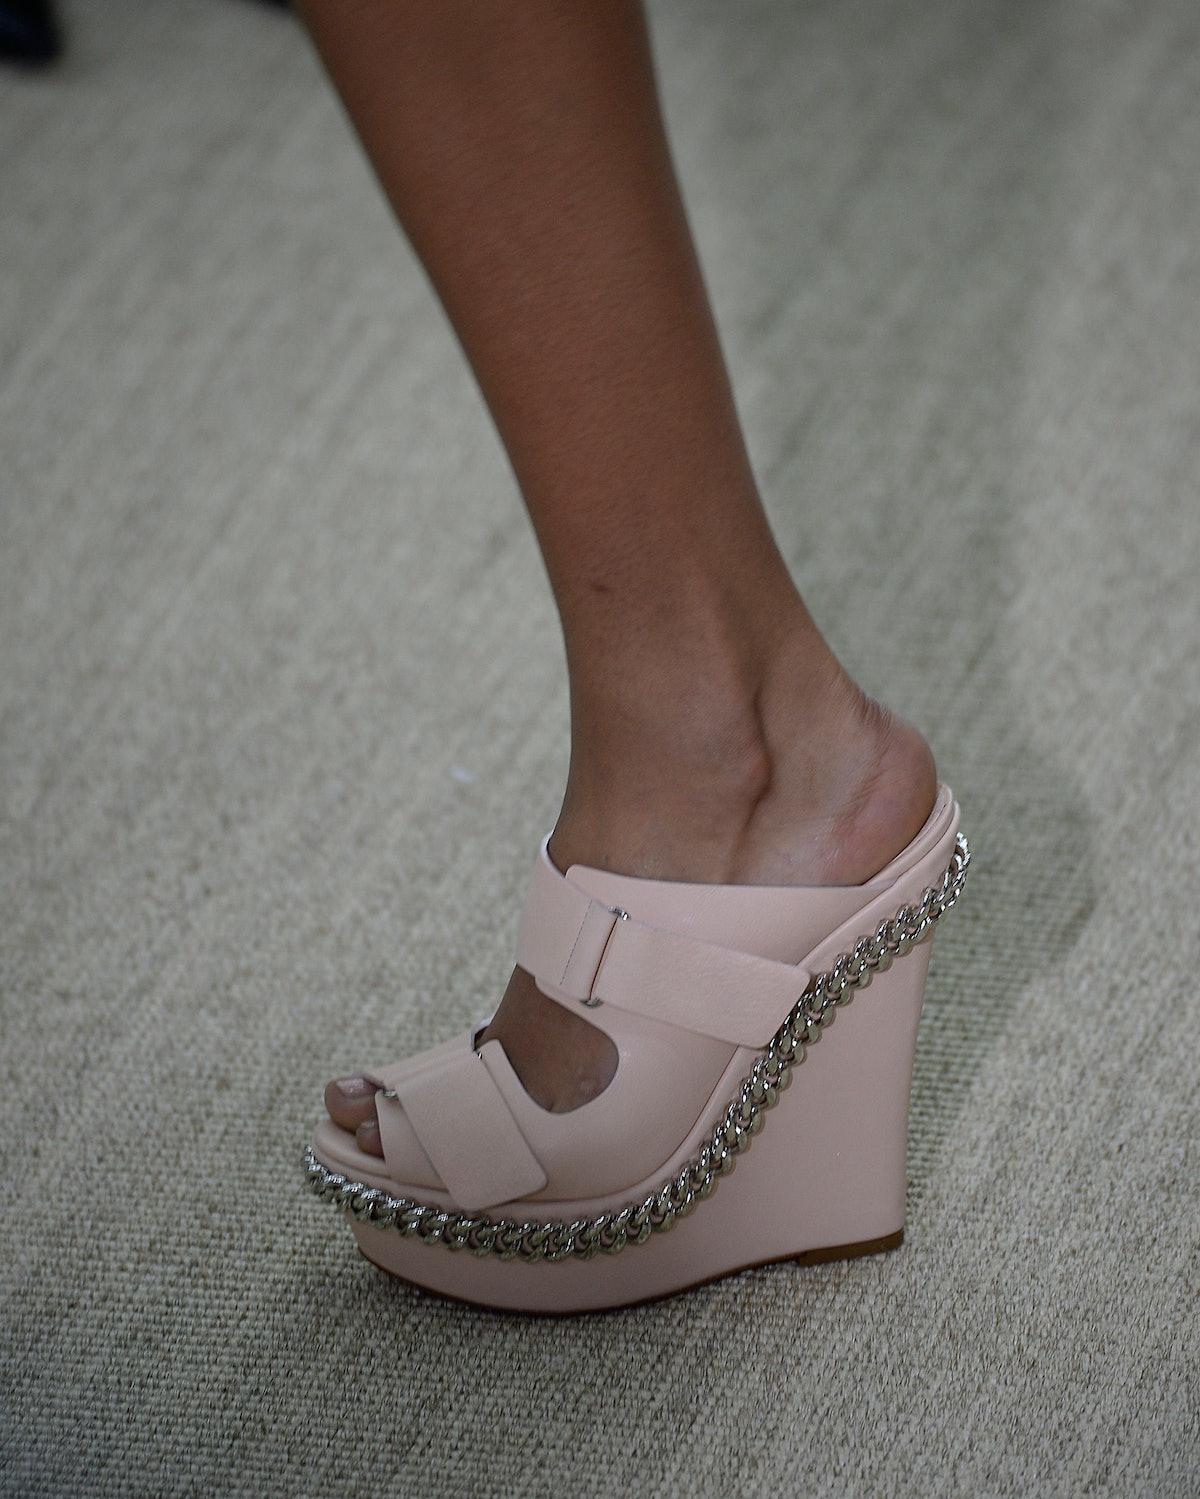 giambattista-valli-spring-2014-shoes